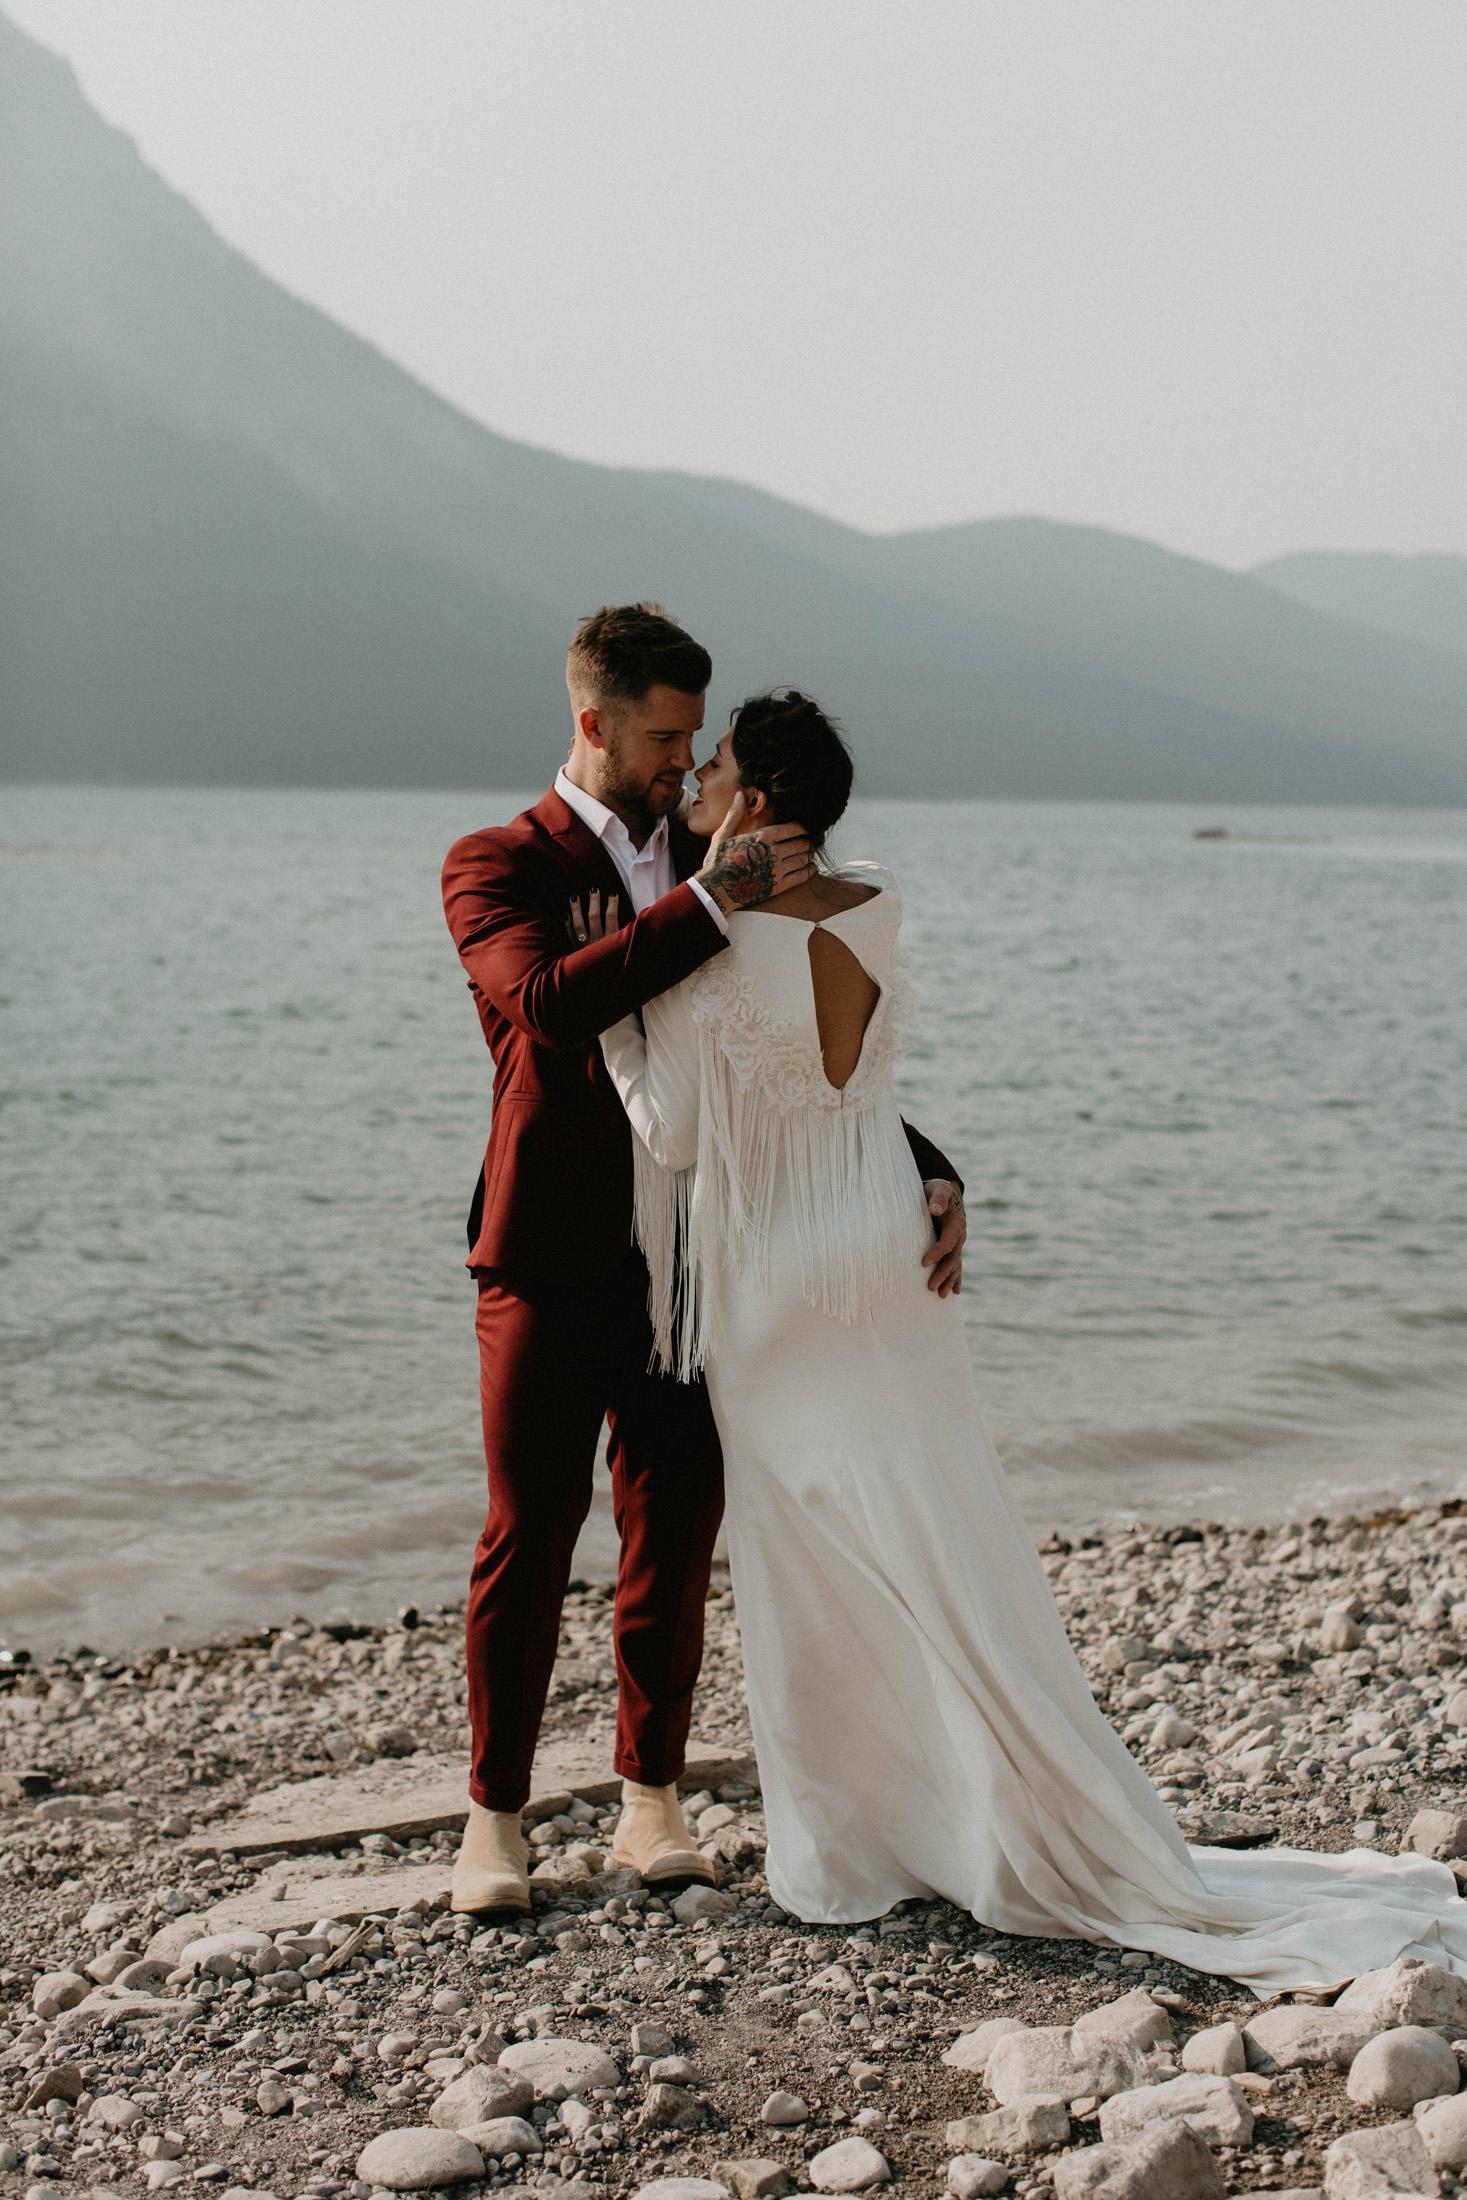 banff-elopement-photography-018.jpg